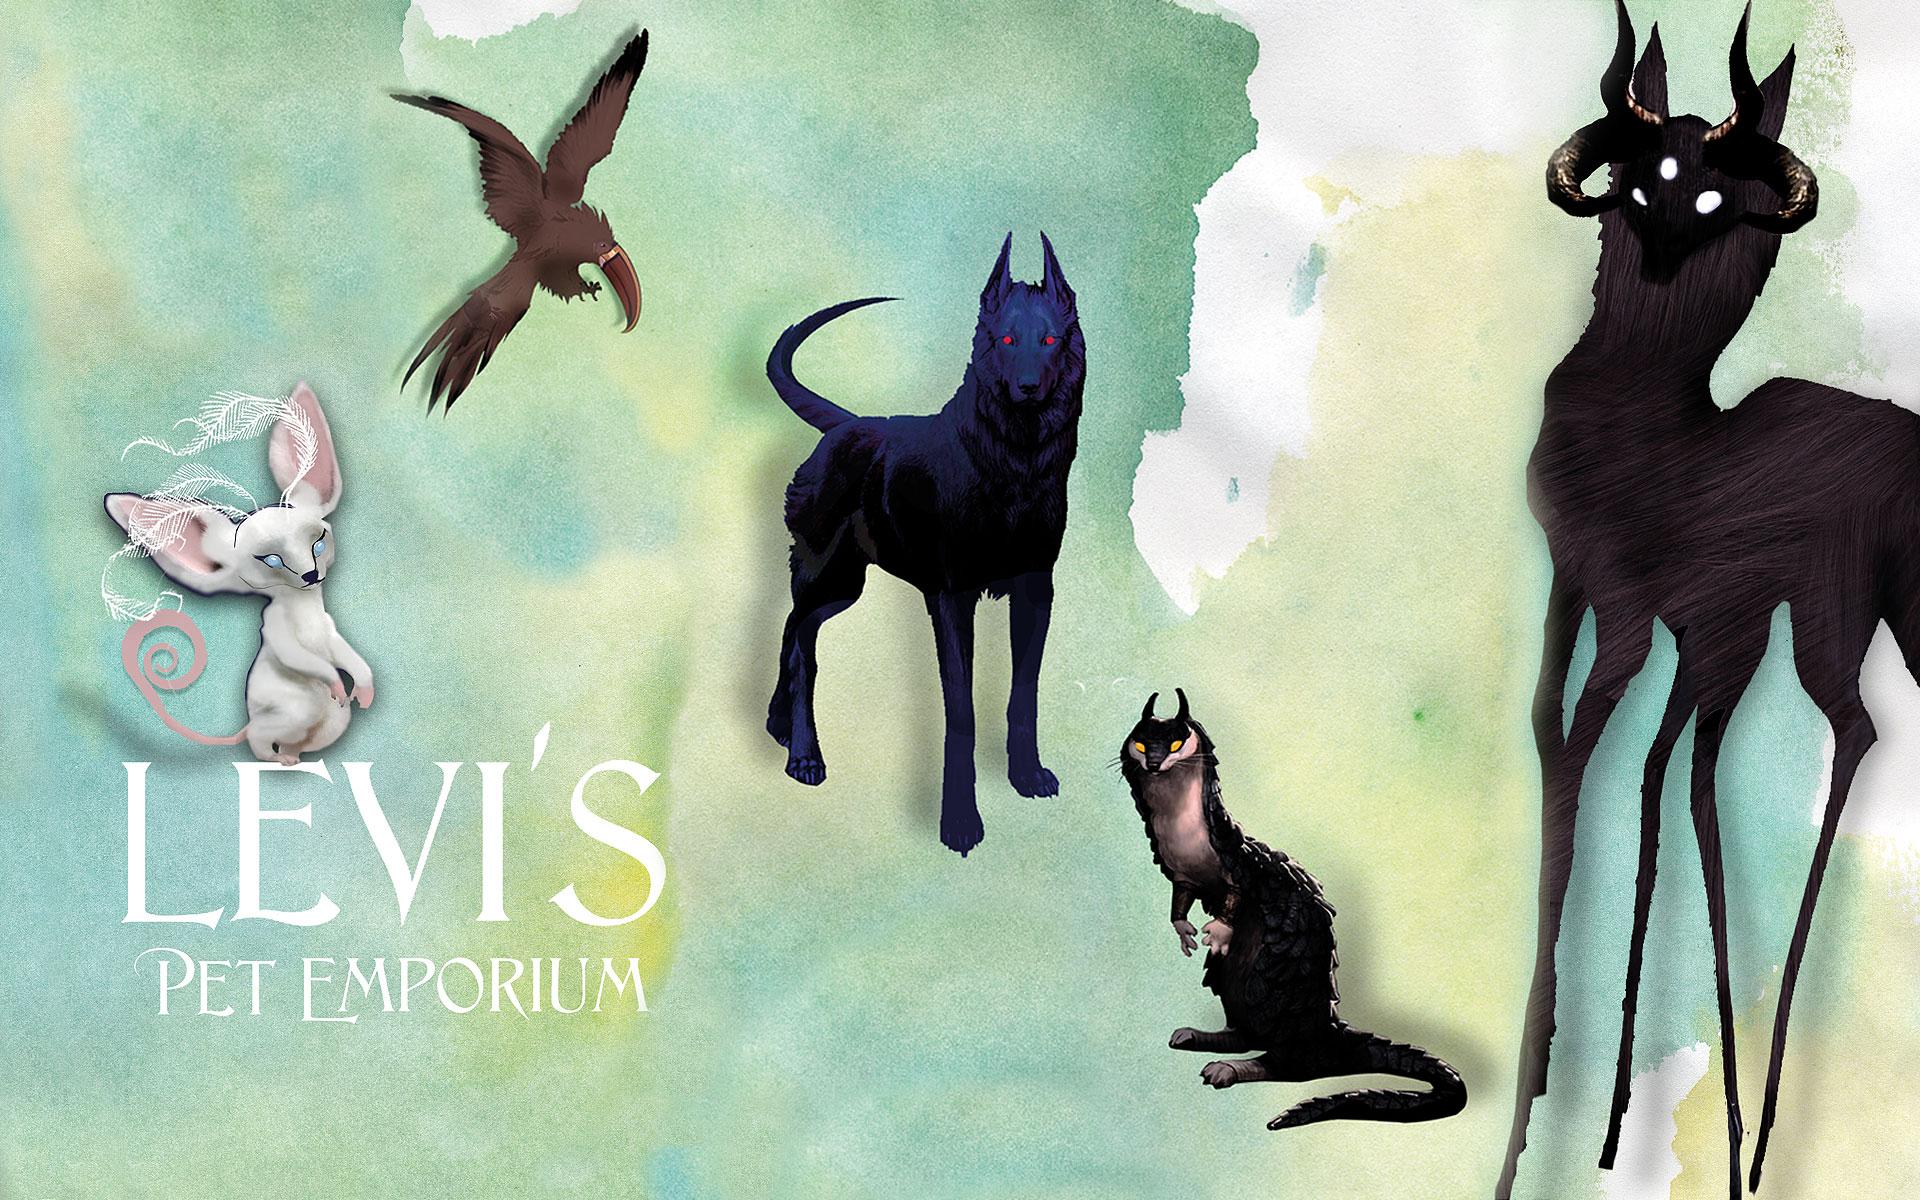 Levis Pet Emporium by Amplitude Films